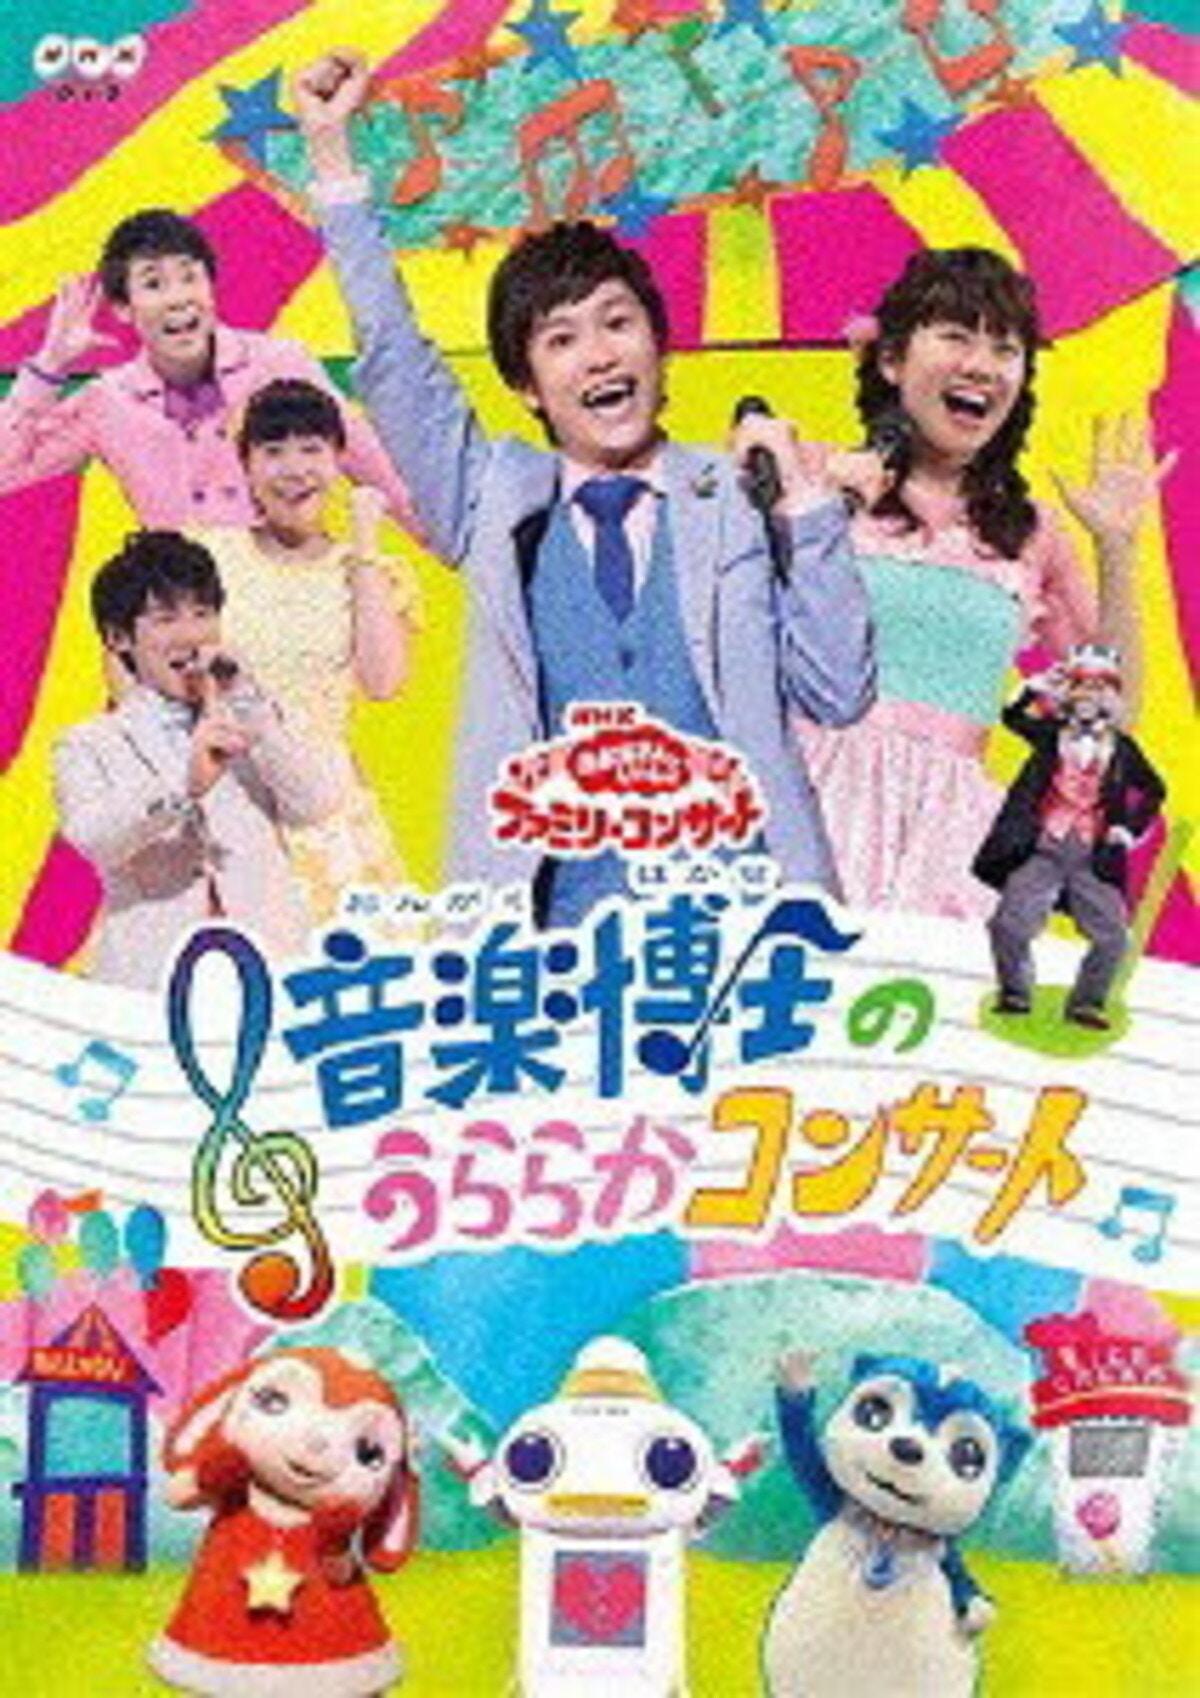 NHK「おかあさんといっしょ ファミリーコンサート 音楽博士のうららかコンサート」